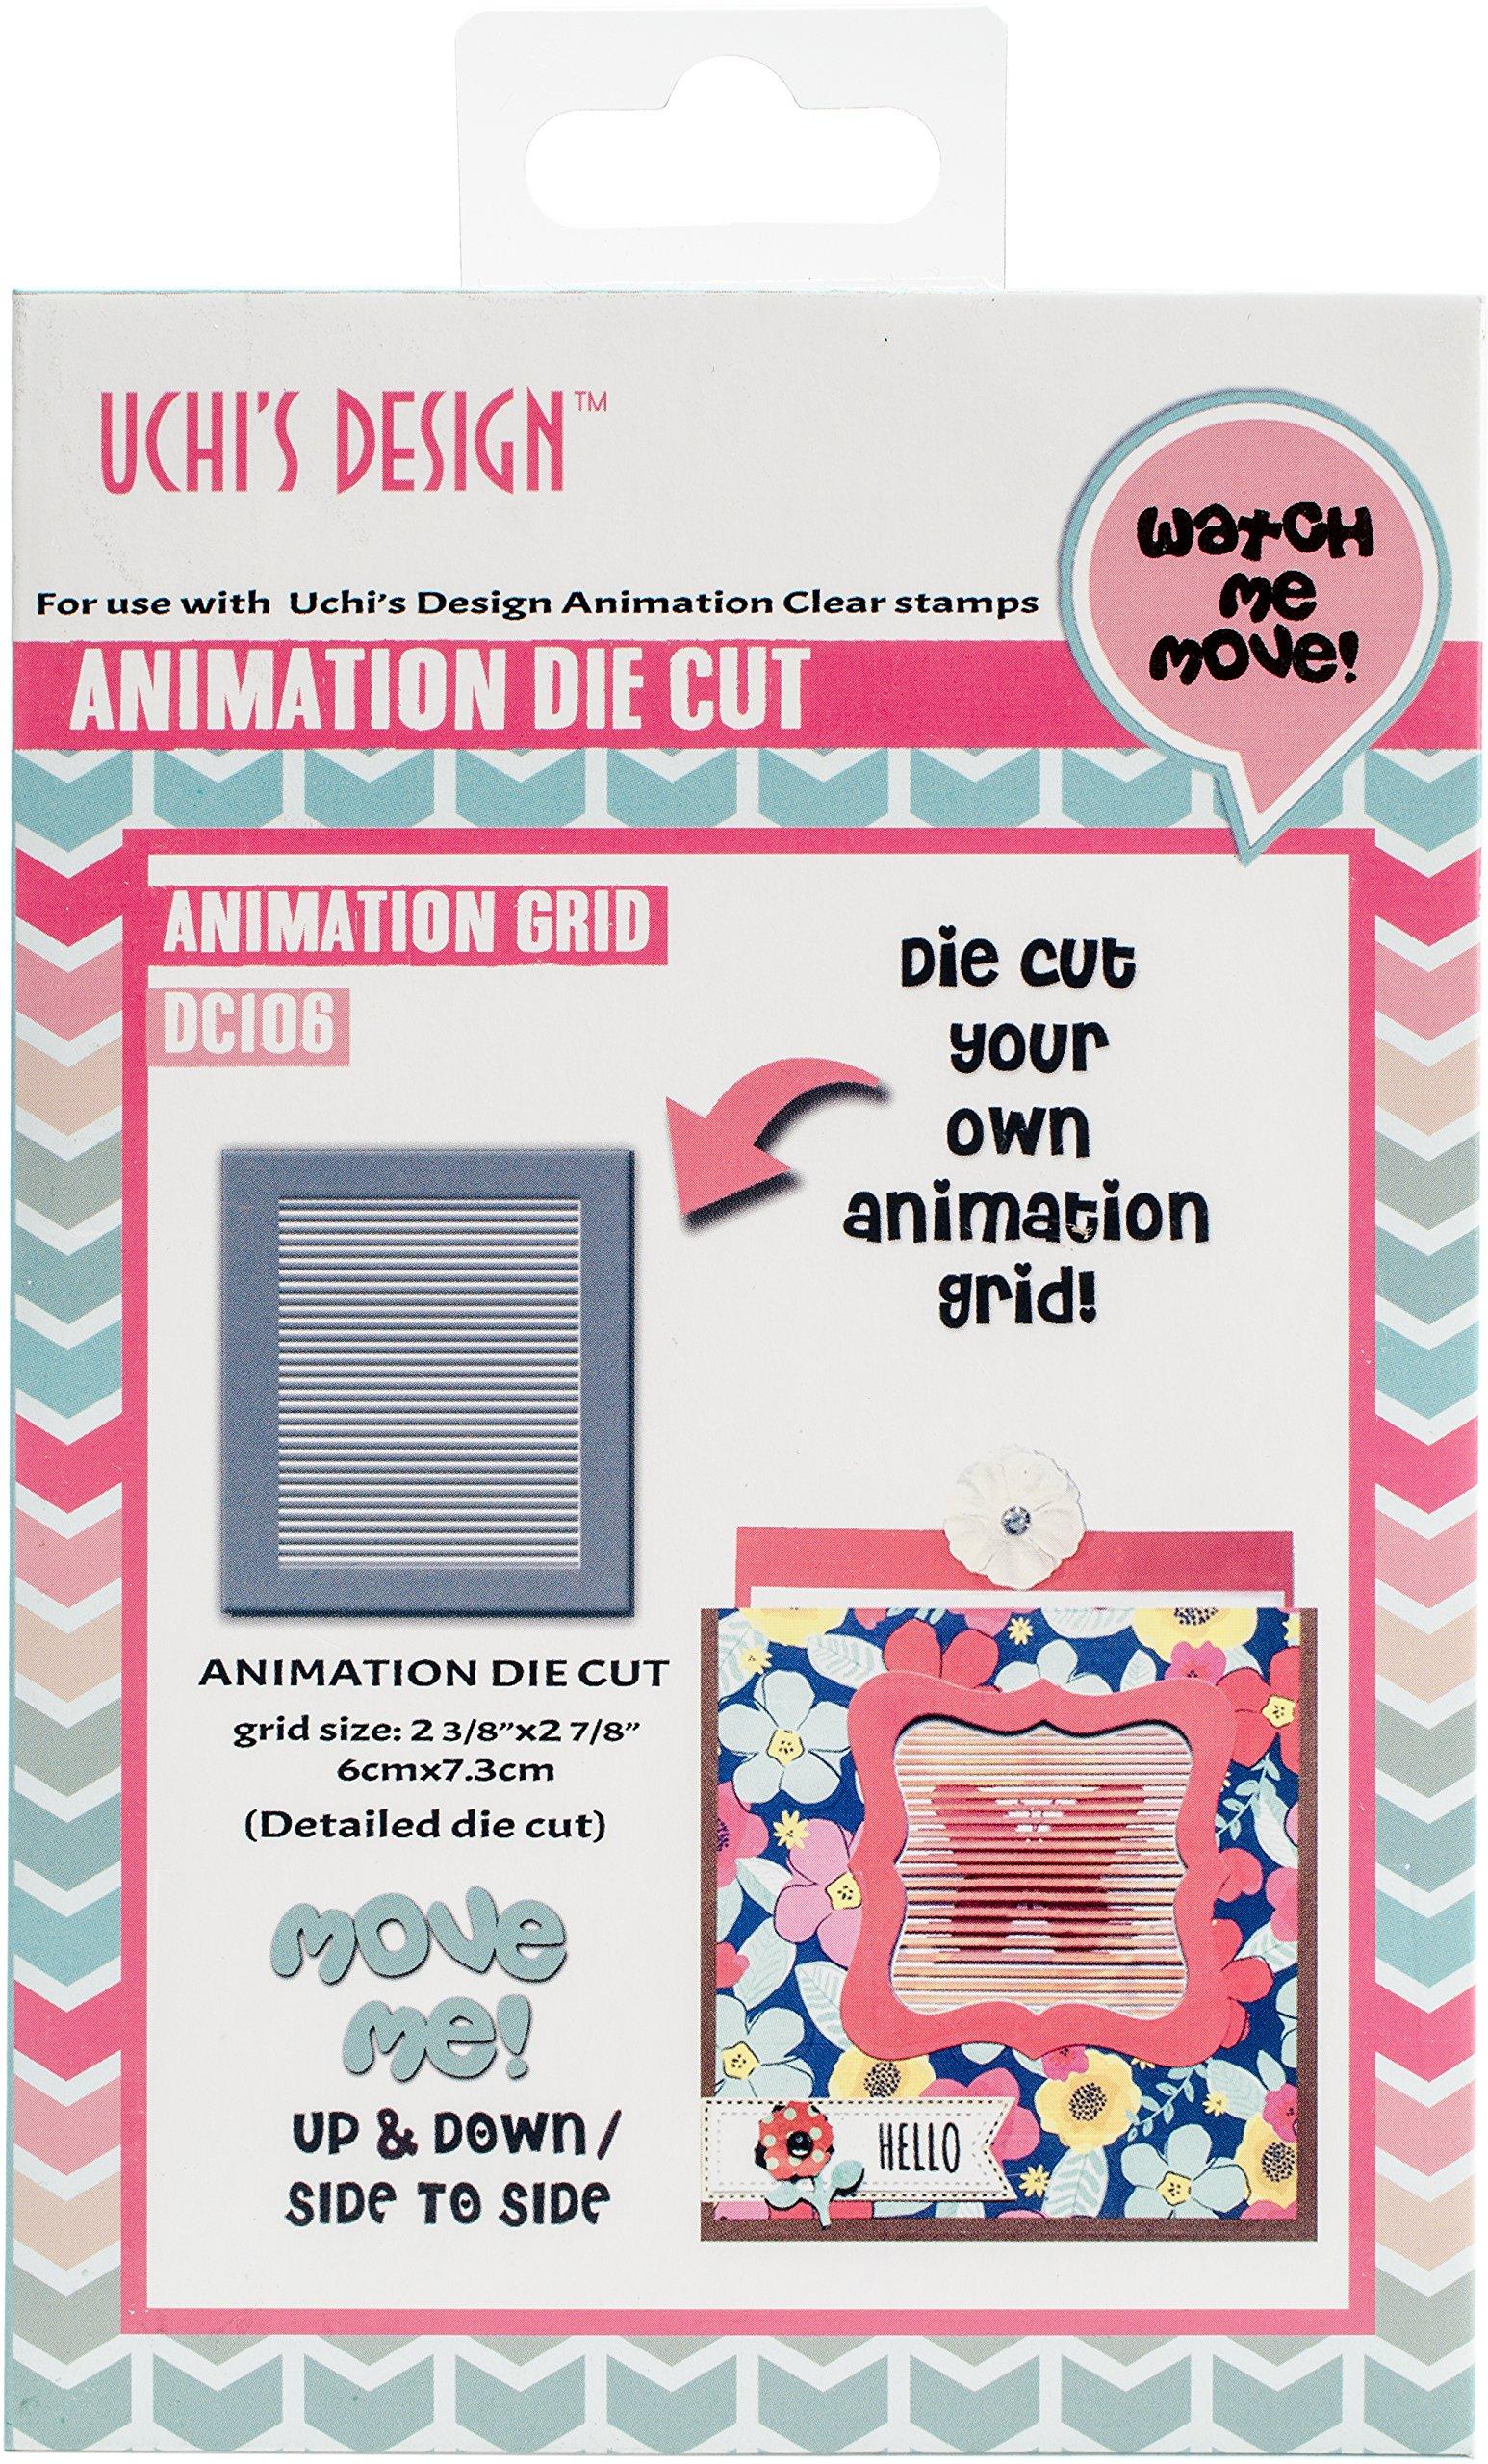 Uchi's Design LLC Animation Grid Die